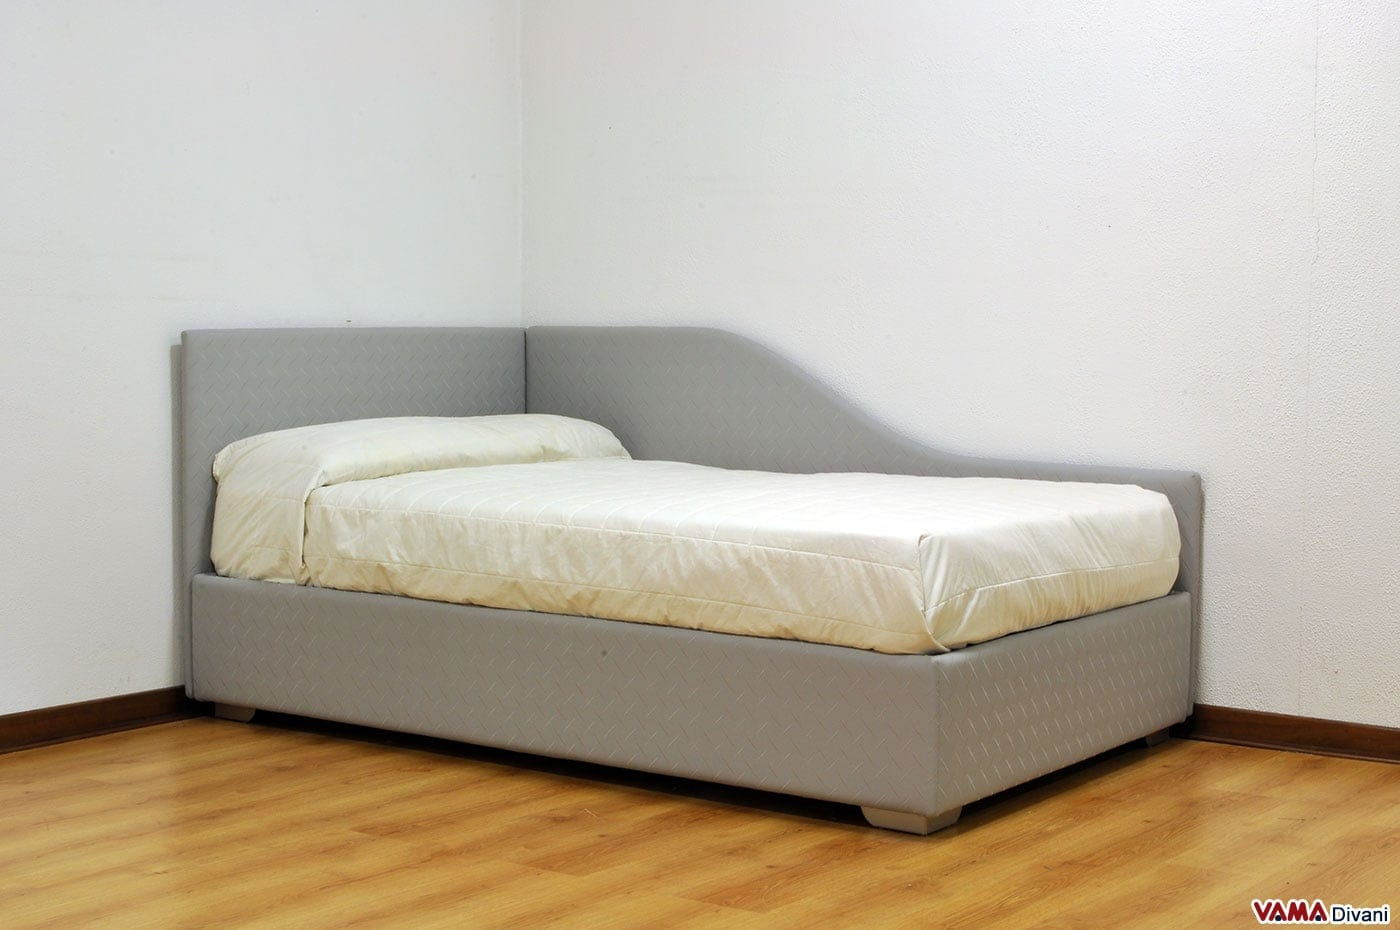 Letto singolo ad angolo thom vama divani - Letto singolo imbottito con letto estraibile ...